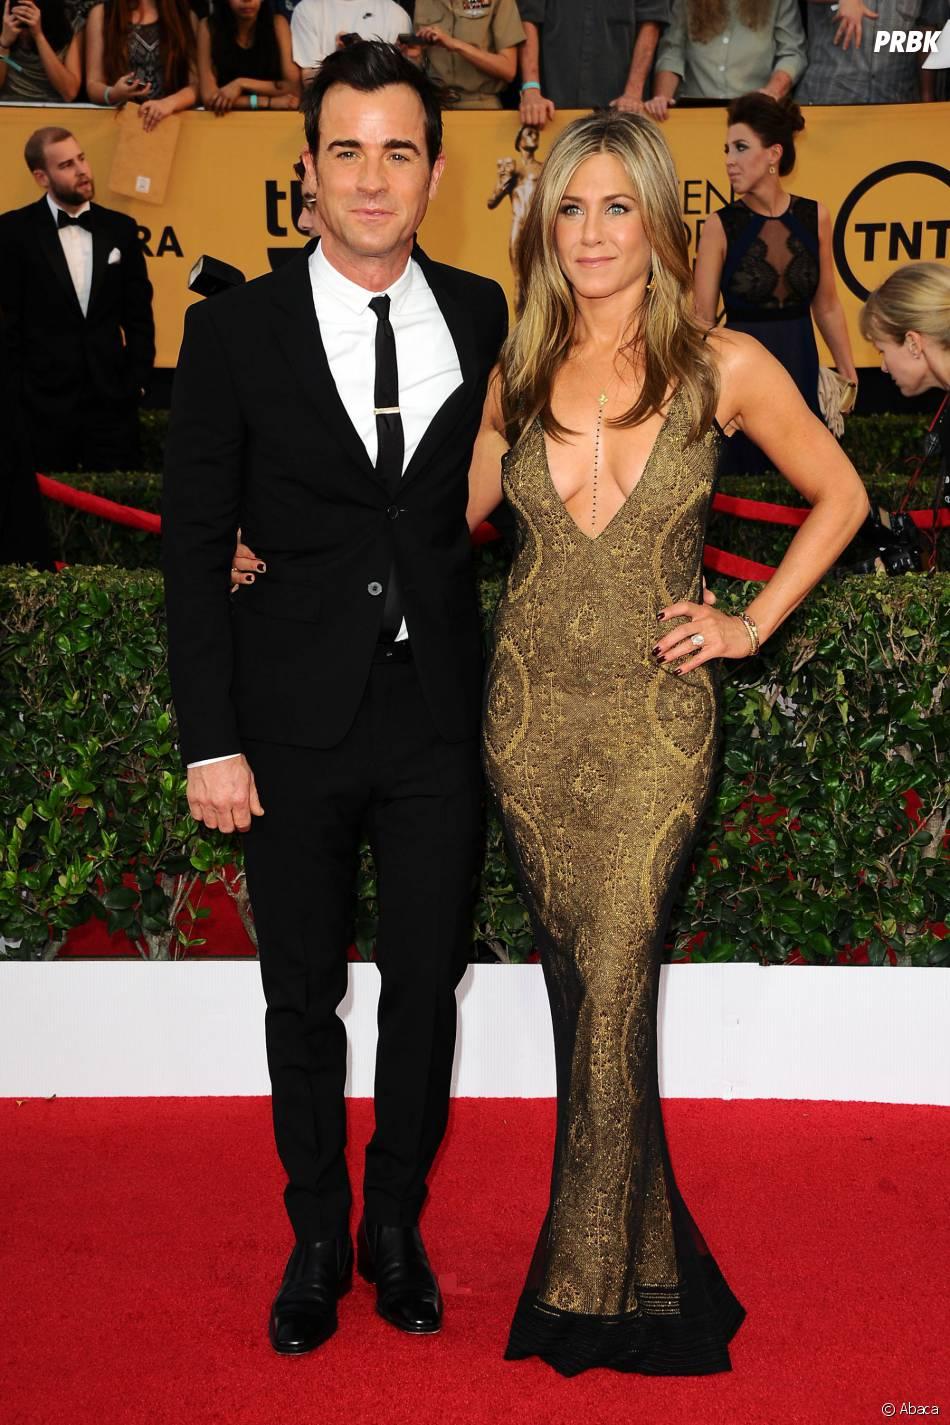 Jennifer Aniston et Justin Theroux en couple aux SAG Awards 2015, le 25 janvier 2015 à Los Angeles